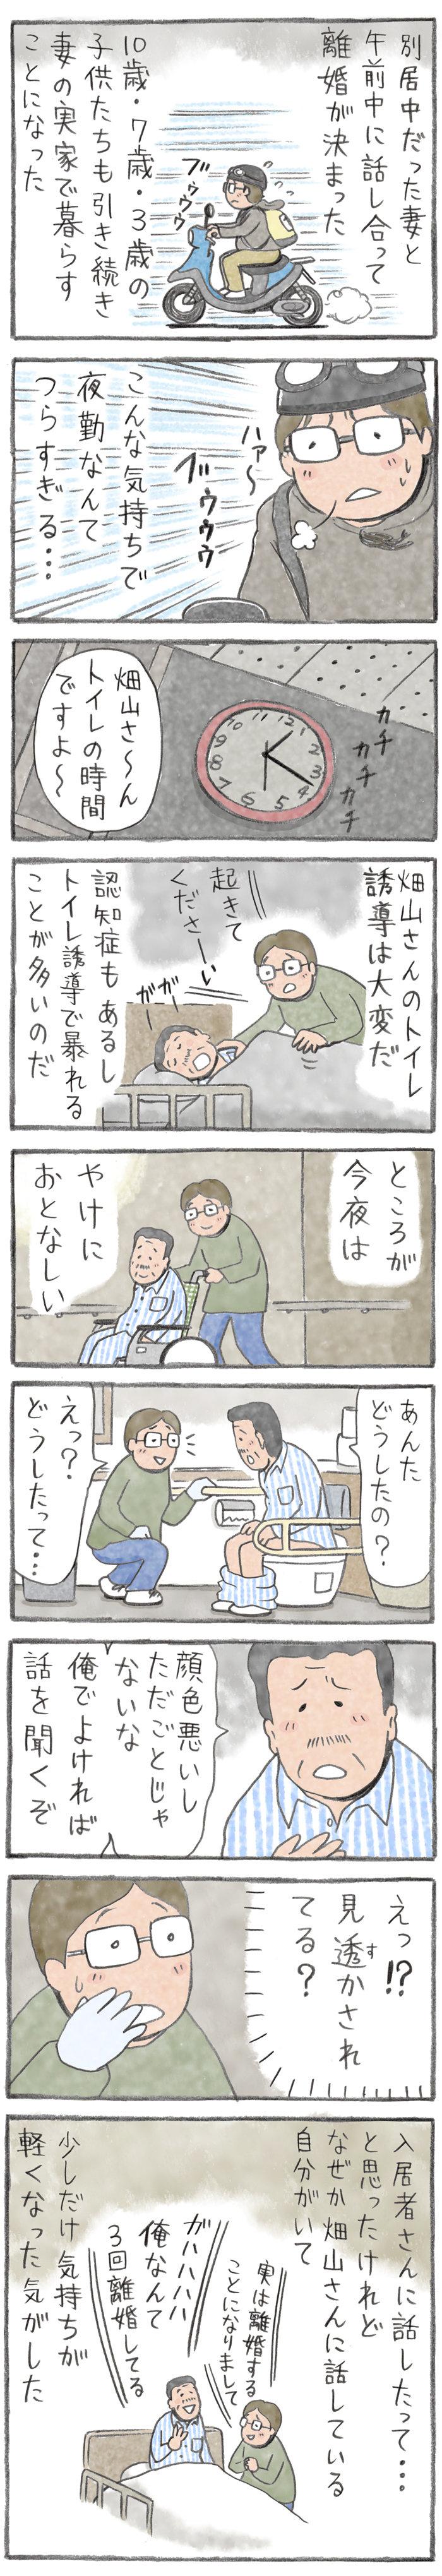 comictohoho_20201020_01.jpg